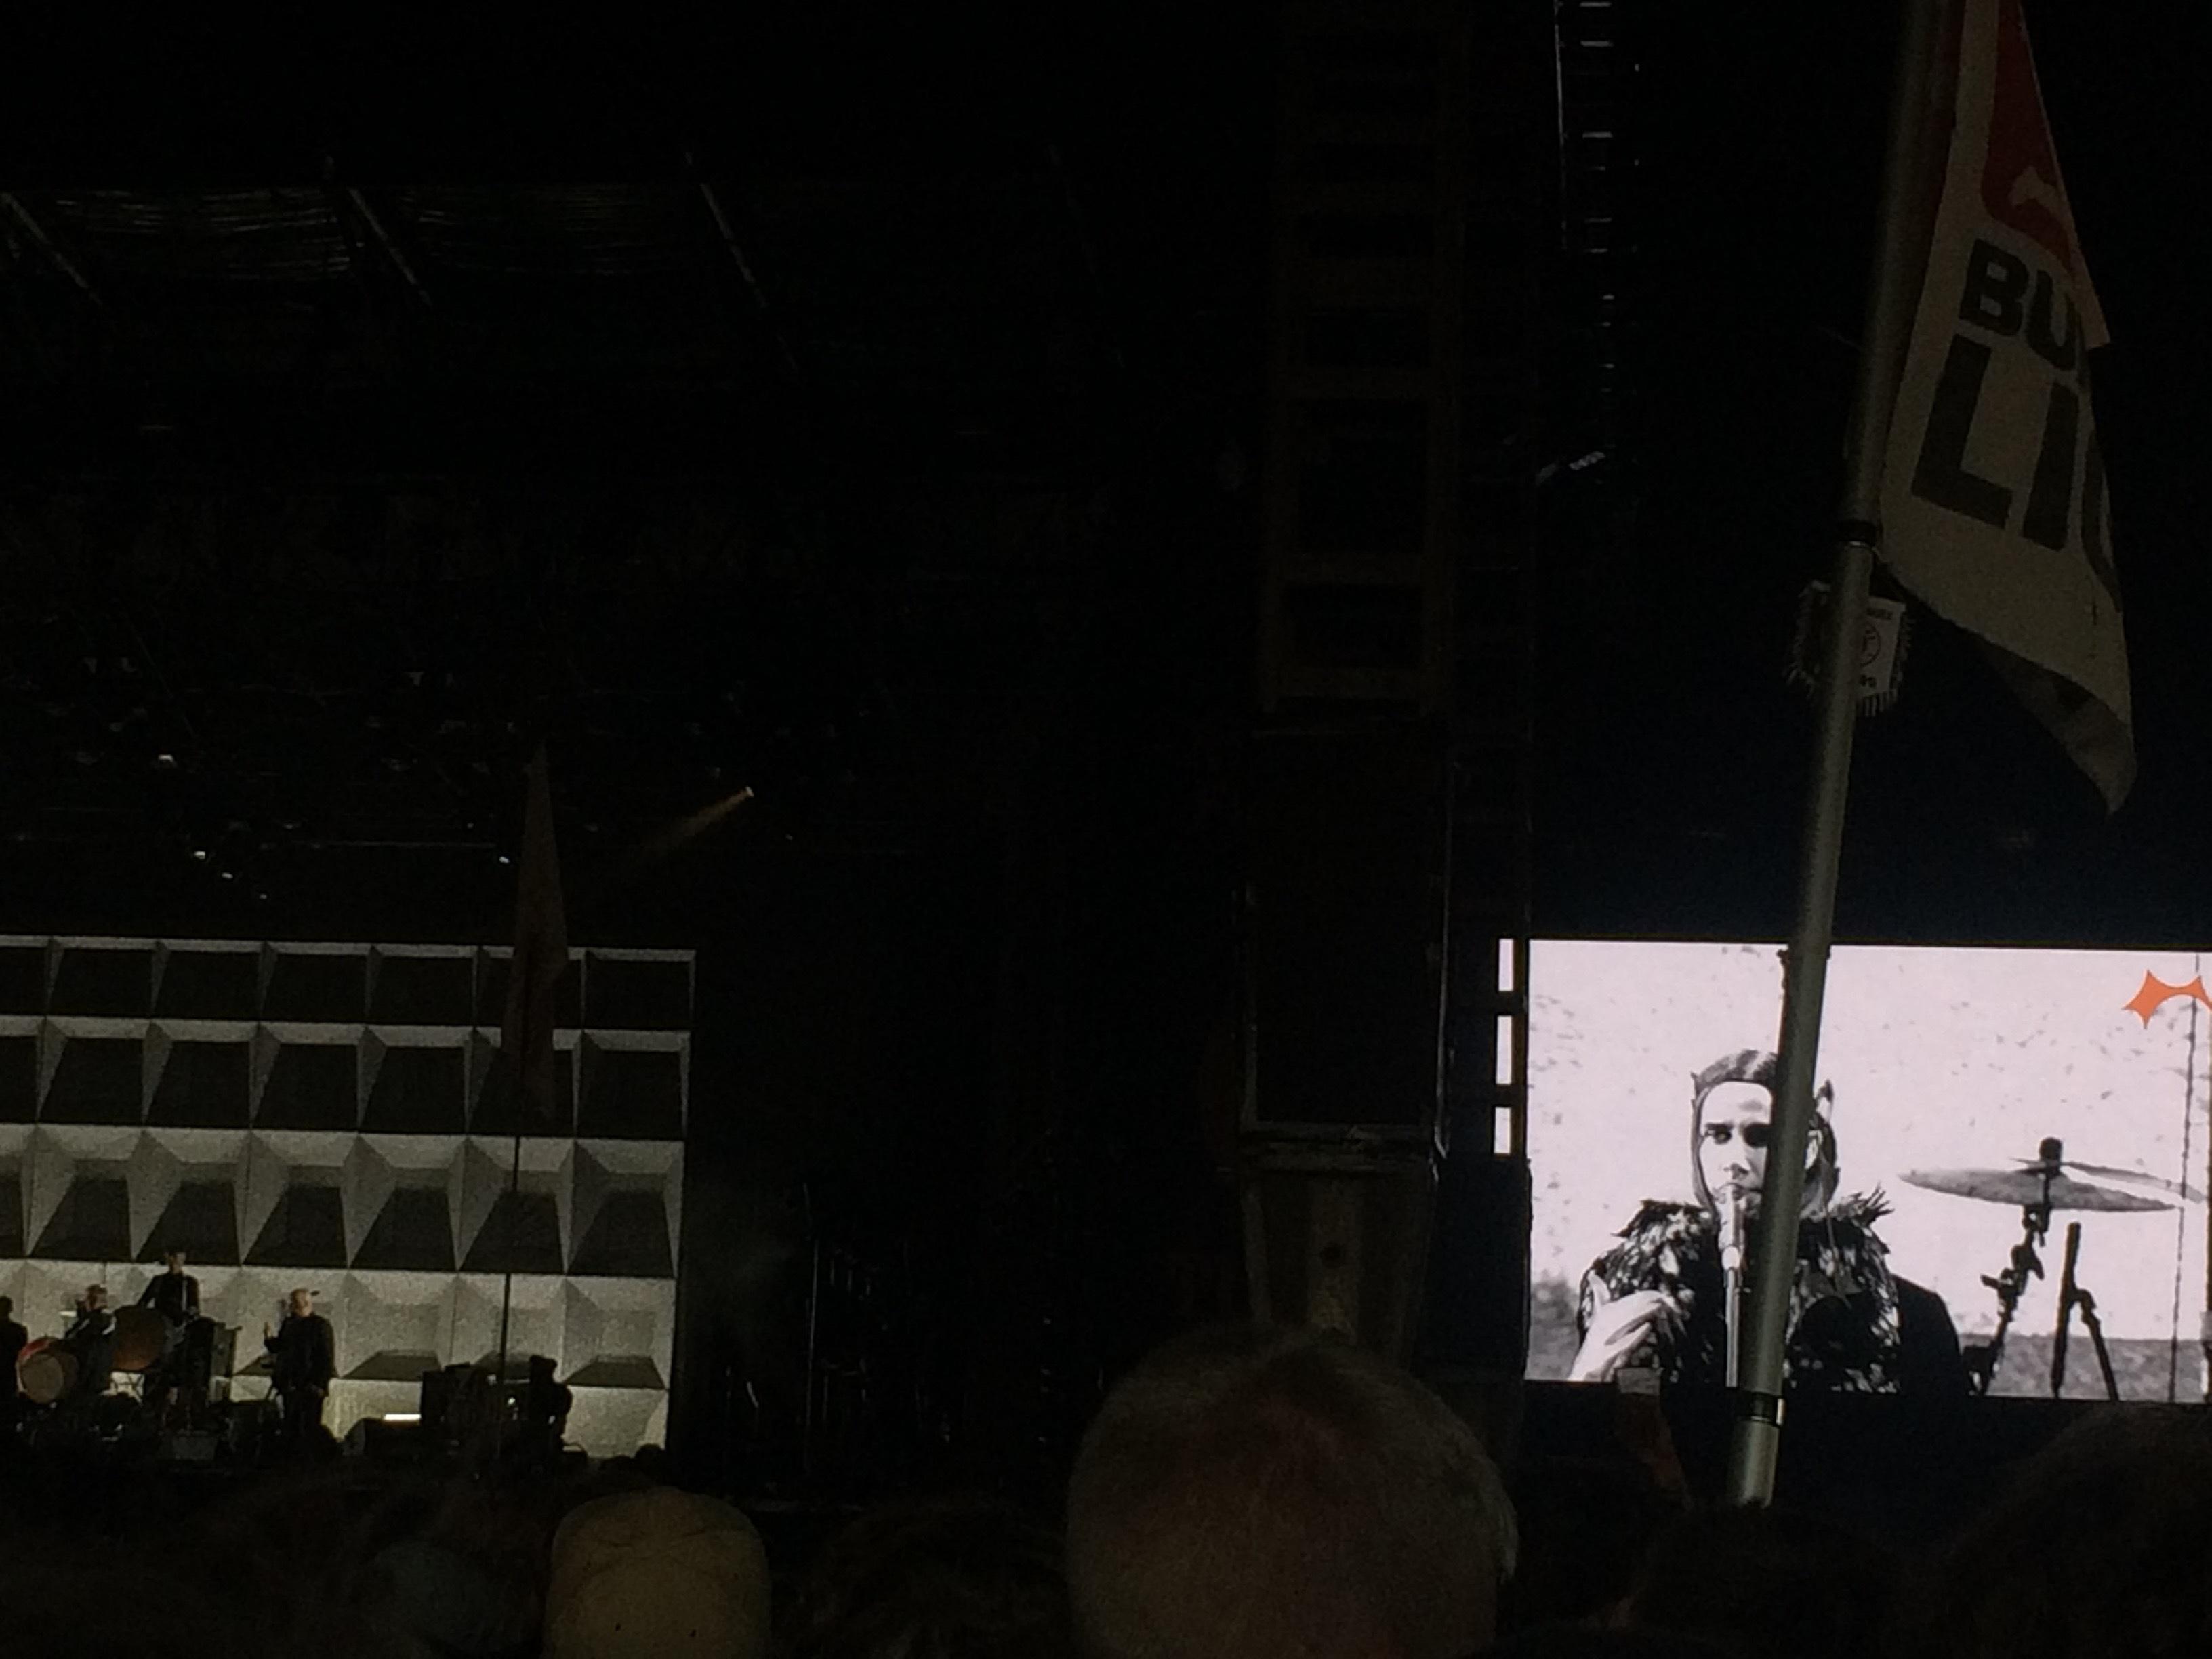 PJ Harvey är sällan någon publikfriare, men så stark och genuin. Med mest låtar från nya skivan lyckades hon ändå vinna över publiken.